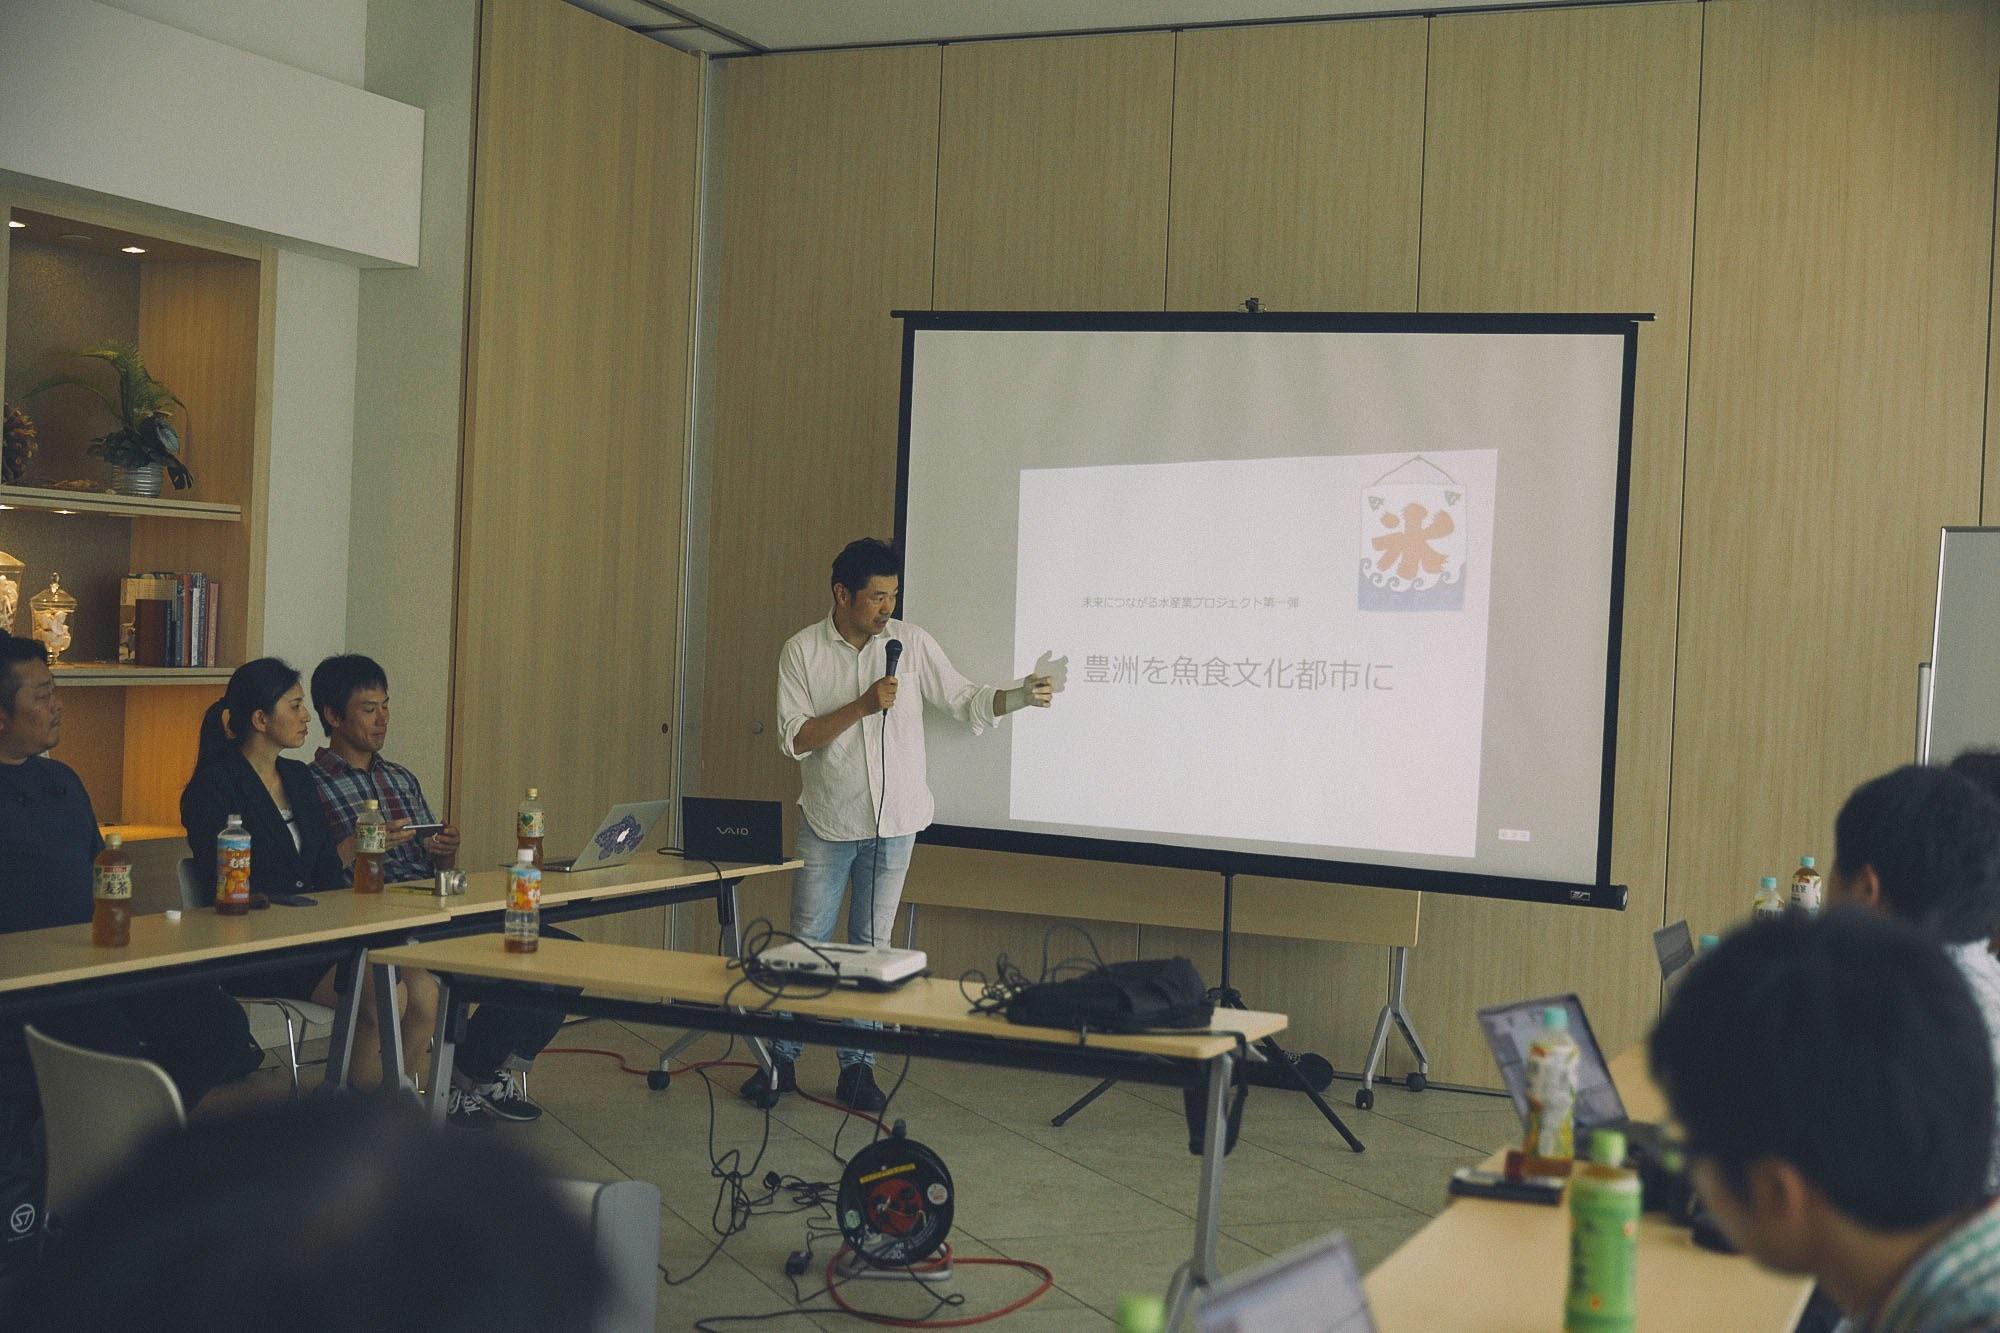 話をする勝川先生の写真